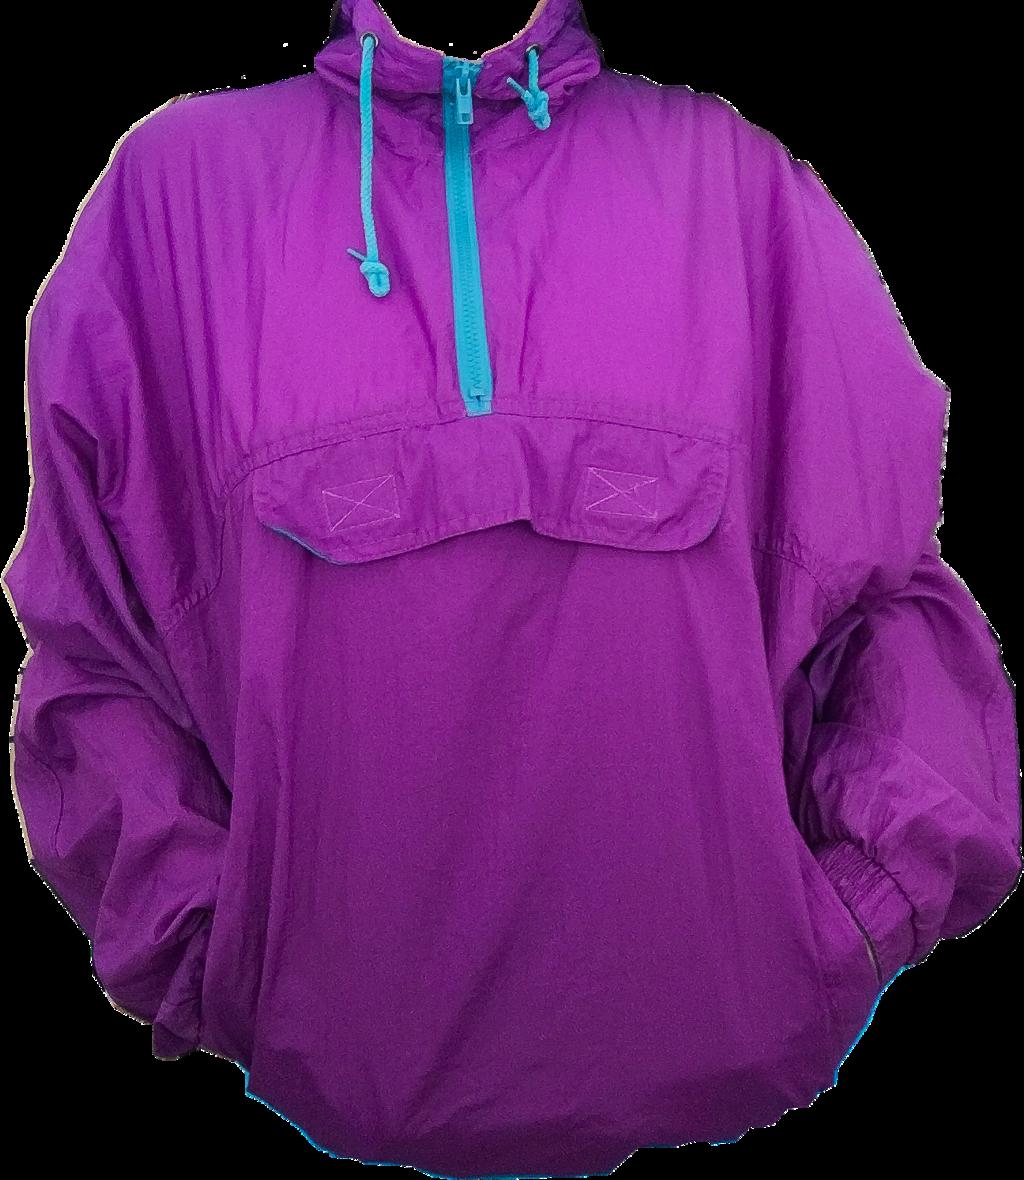 #purple #blue #neon #80s #windbreaker #trendy #vsco #vintage #fashion #style #freetoedit